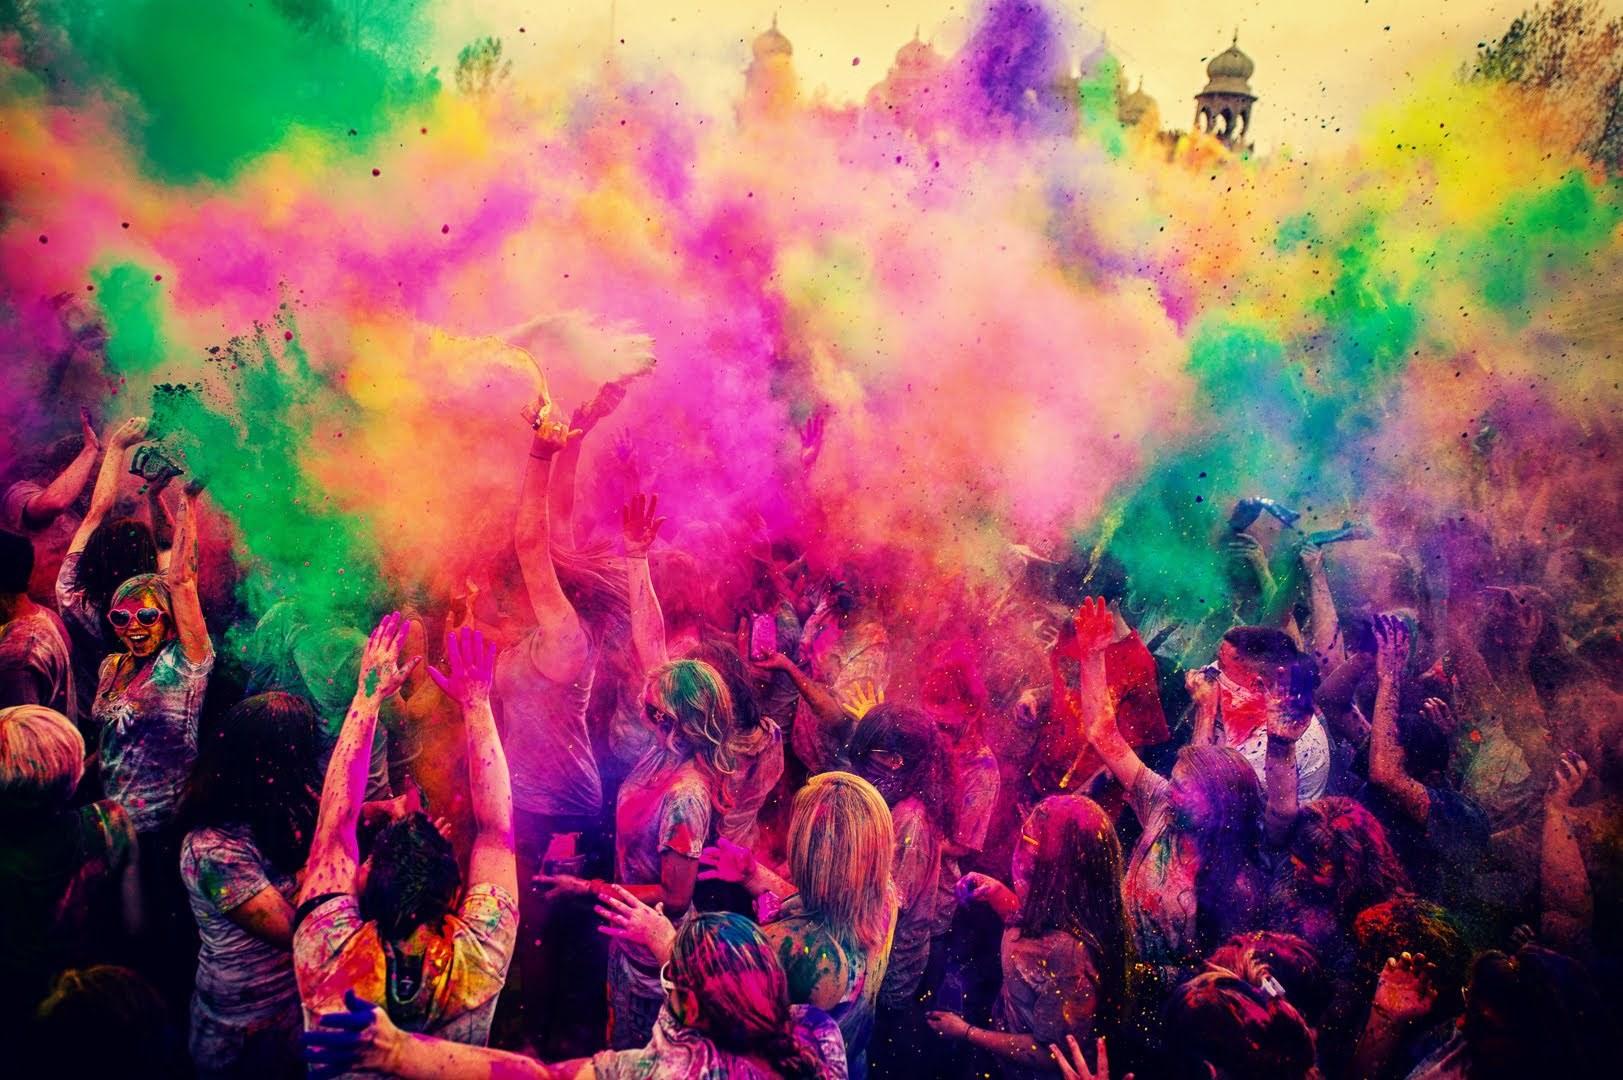 Festival barv v Indiji